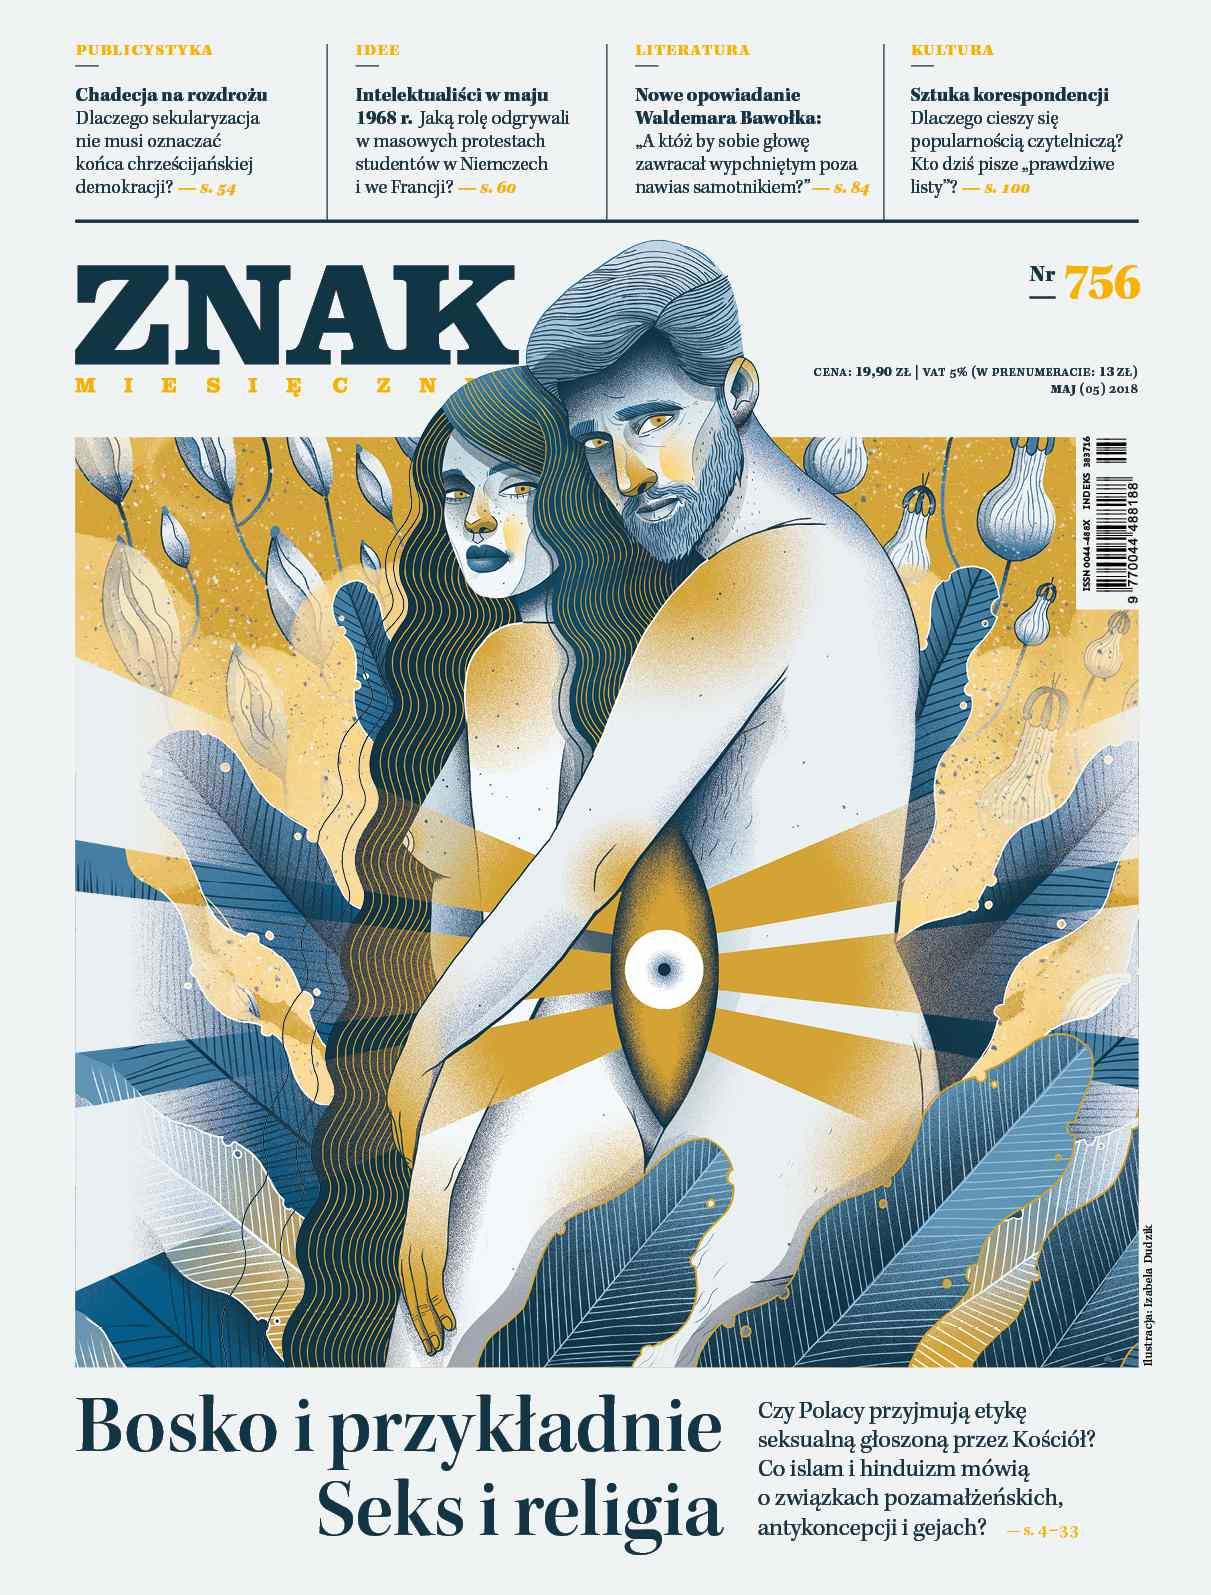 Miesięcznik ZNAK nr 756: Bosko i przykładnie. Seks i religia - Ebook (Książka EPUB) do pobrania w formacie EPUB